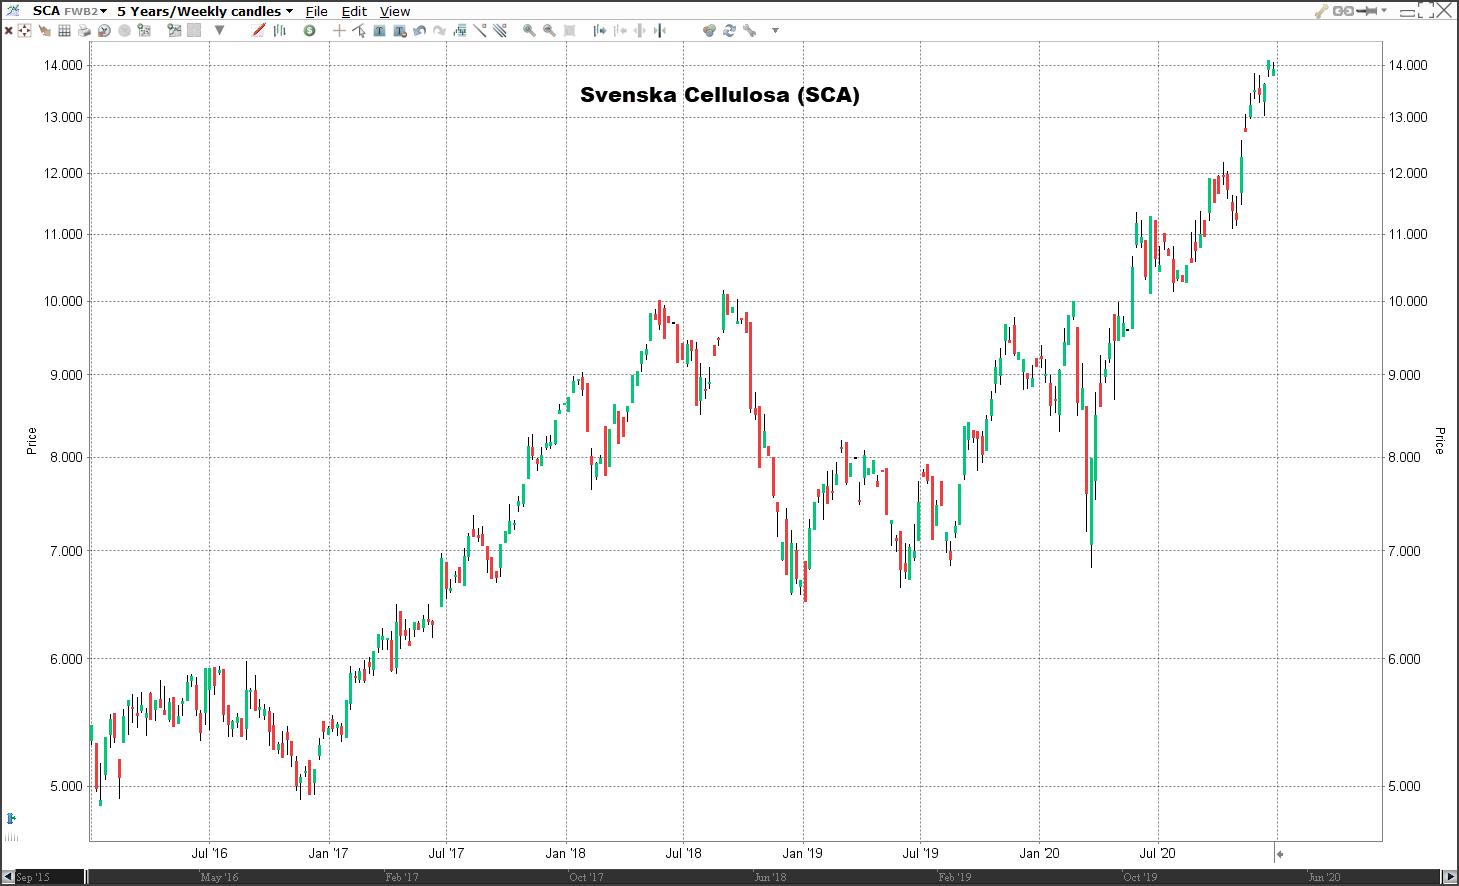 Aandeel Svenska Cellulosa koers   Welke aandelen kopen 2021?